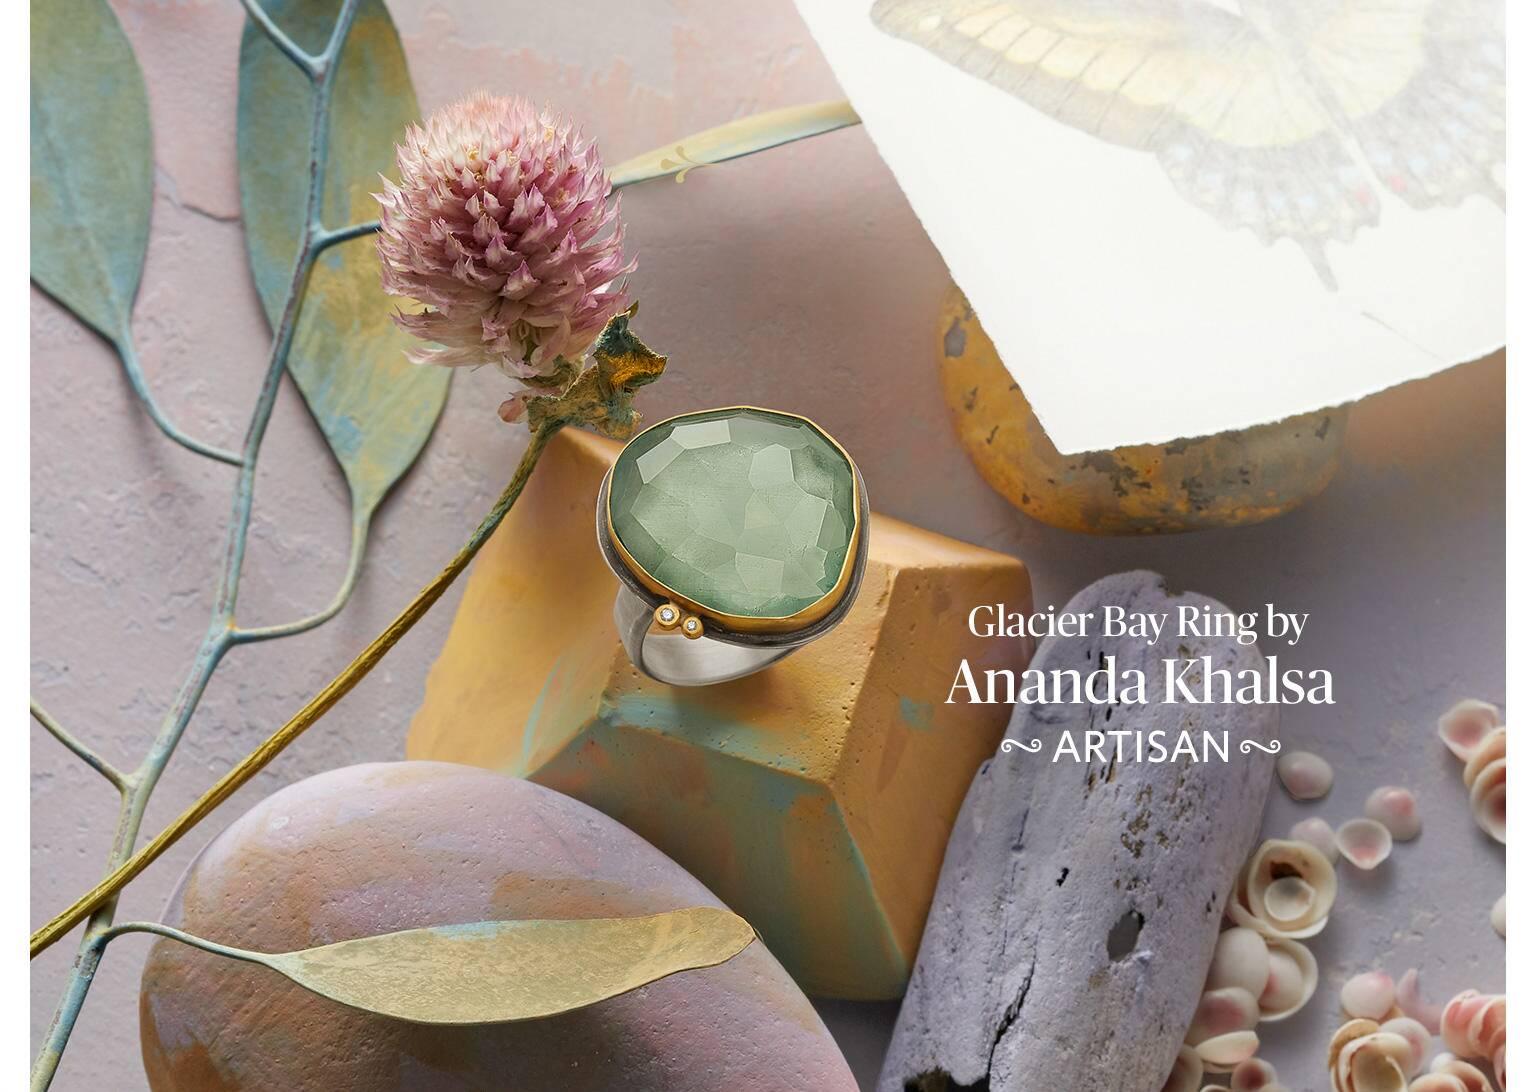 Artisan Ananda Khalsa